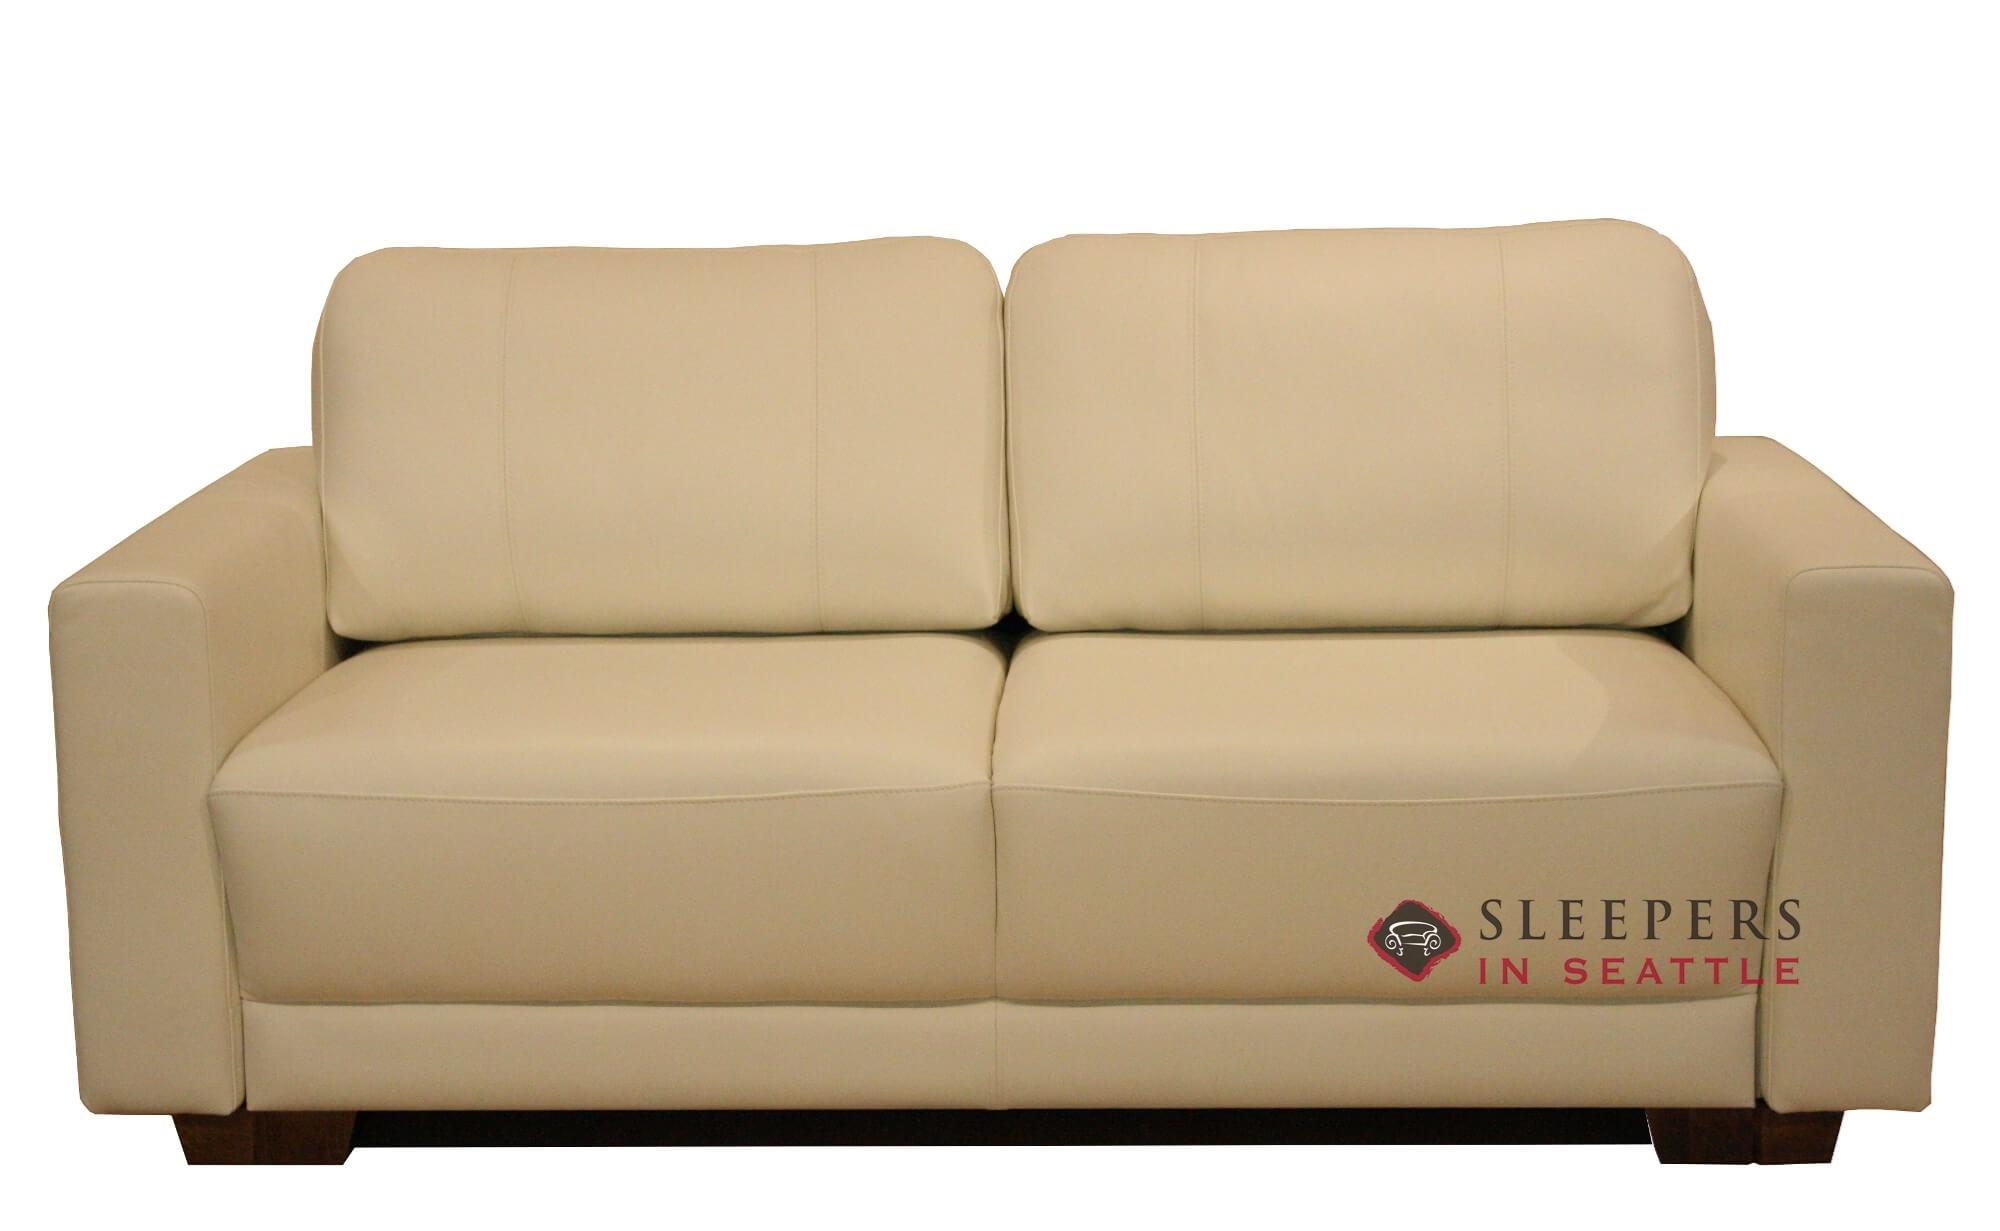 Luonto Toronto Queen Leather Sleeper Sofa